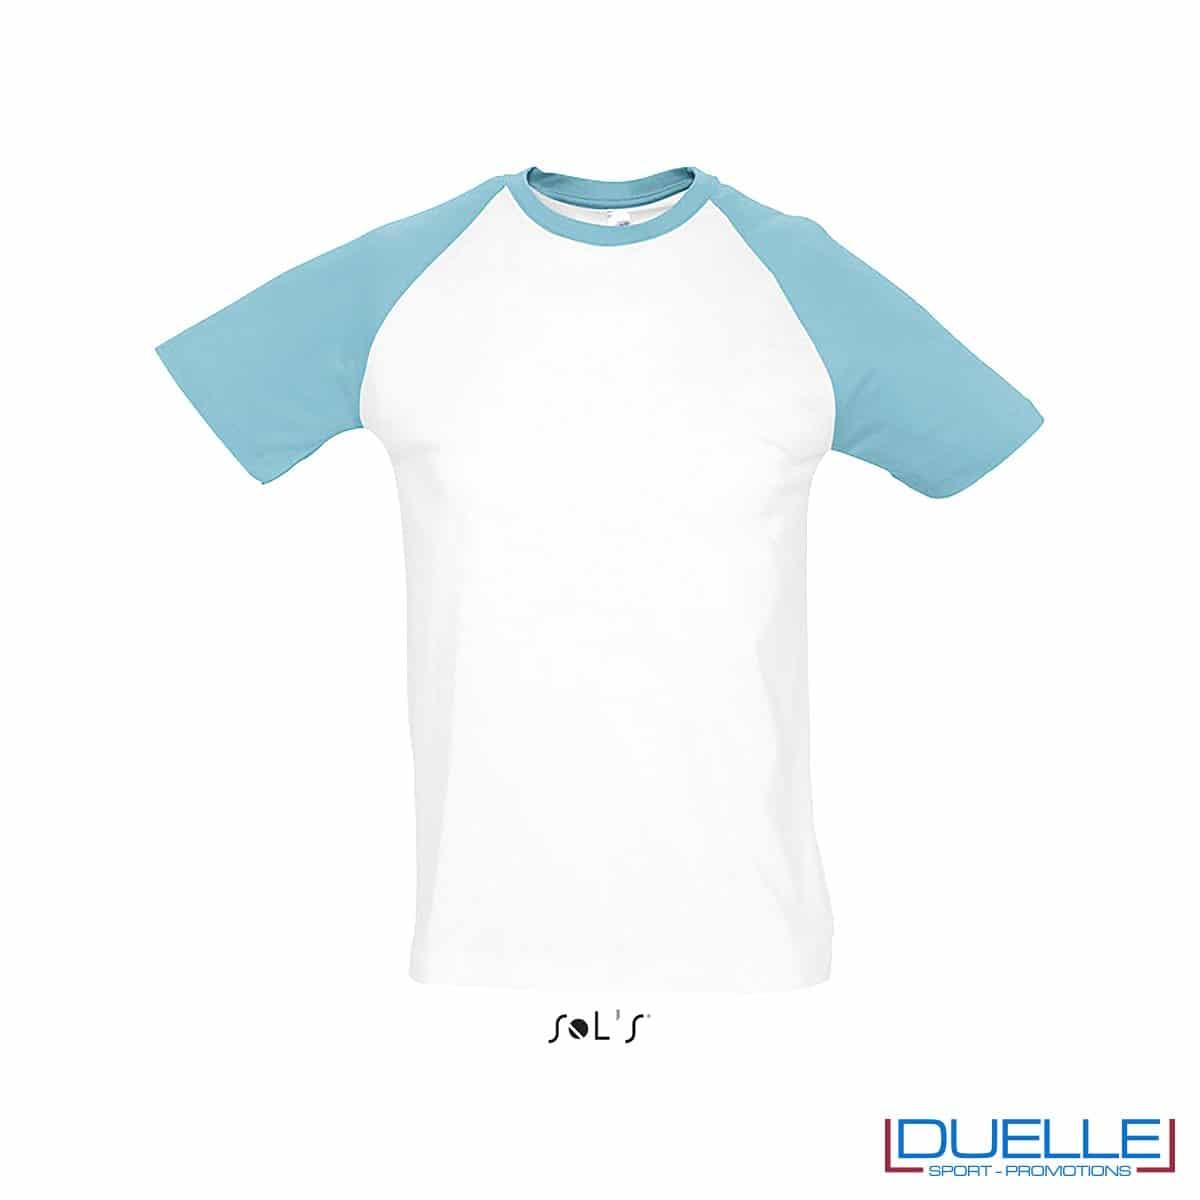 t-shirt personalizzata sportiva bicolore in colore blu atollo e bianco, abbigliamento sportivo personalizzato